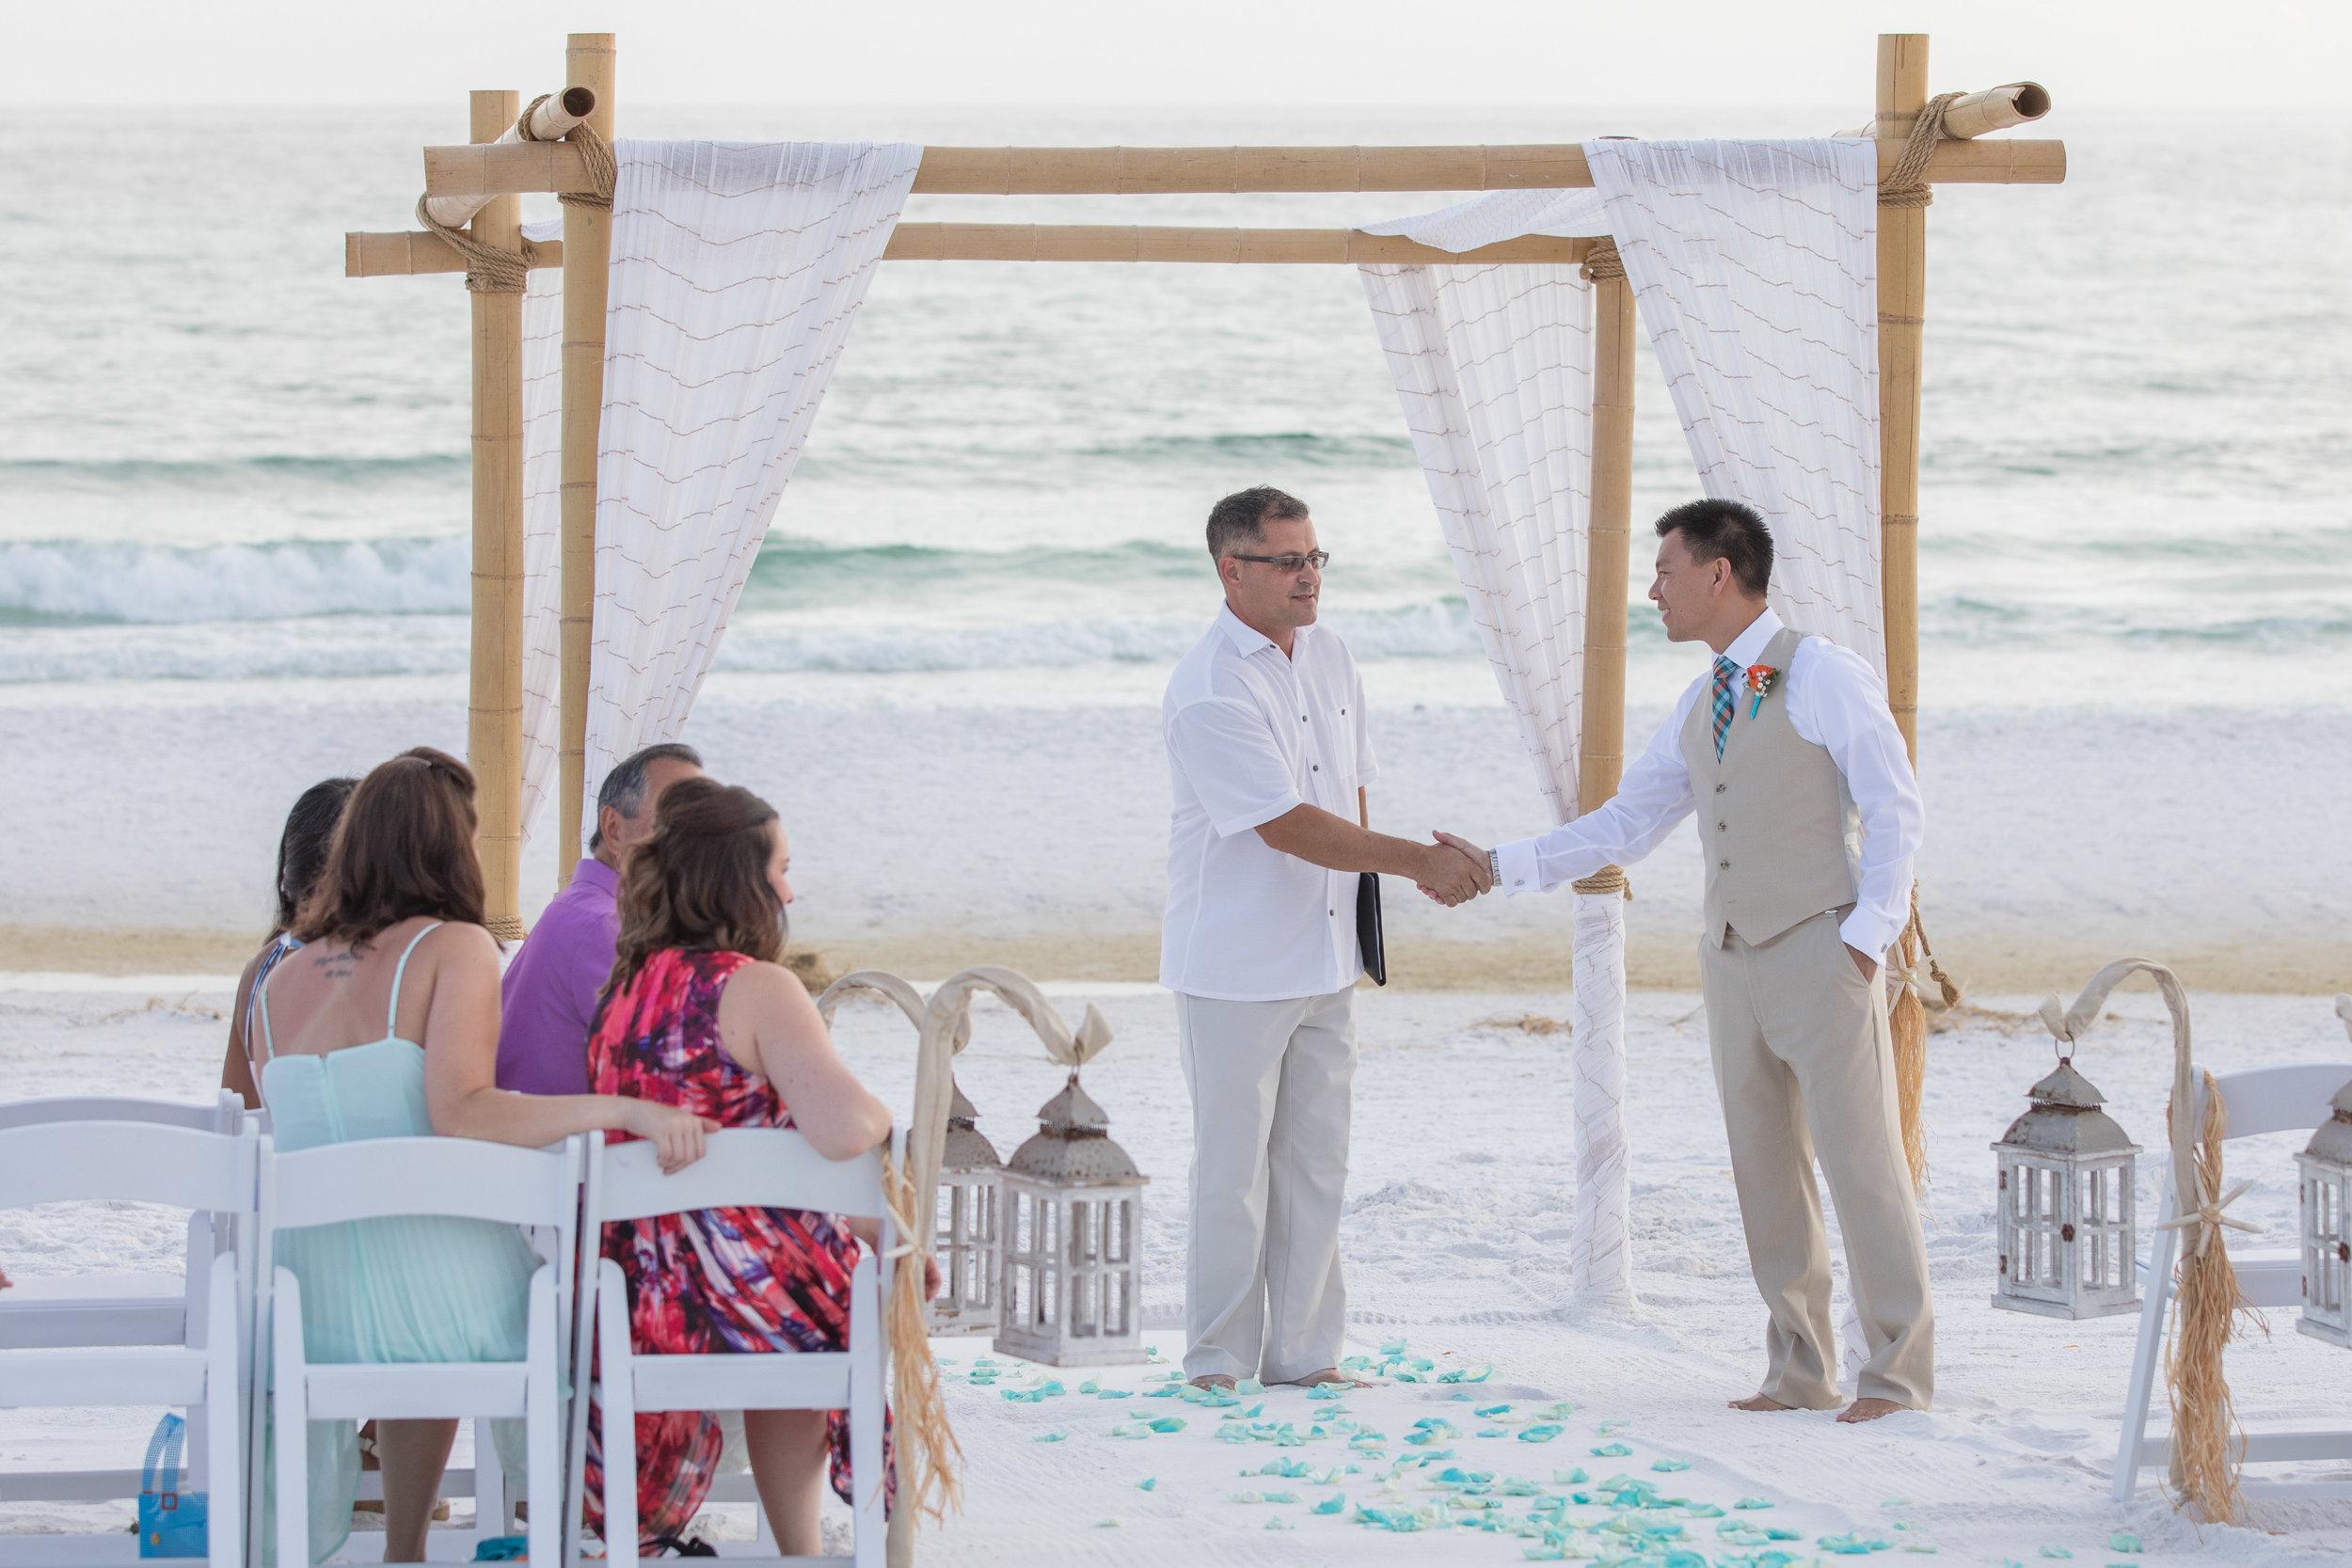 destin beach wedding package picture70_ (2).jpg